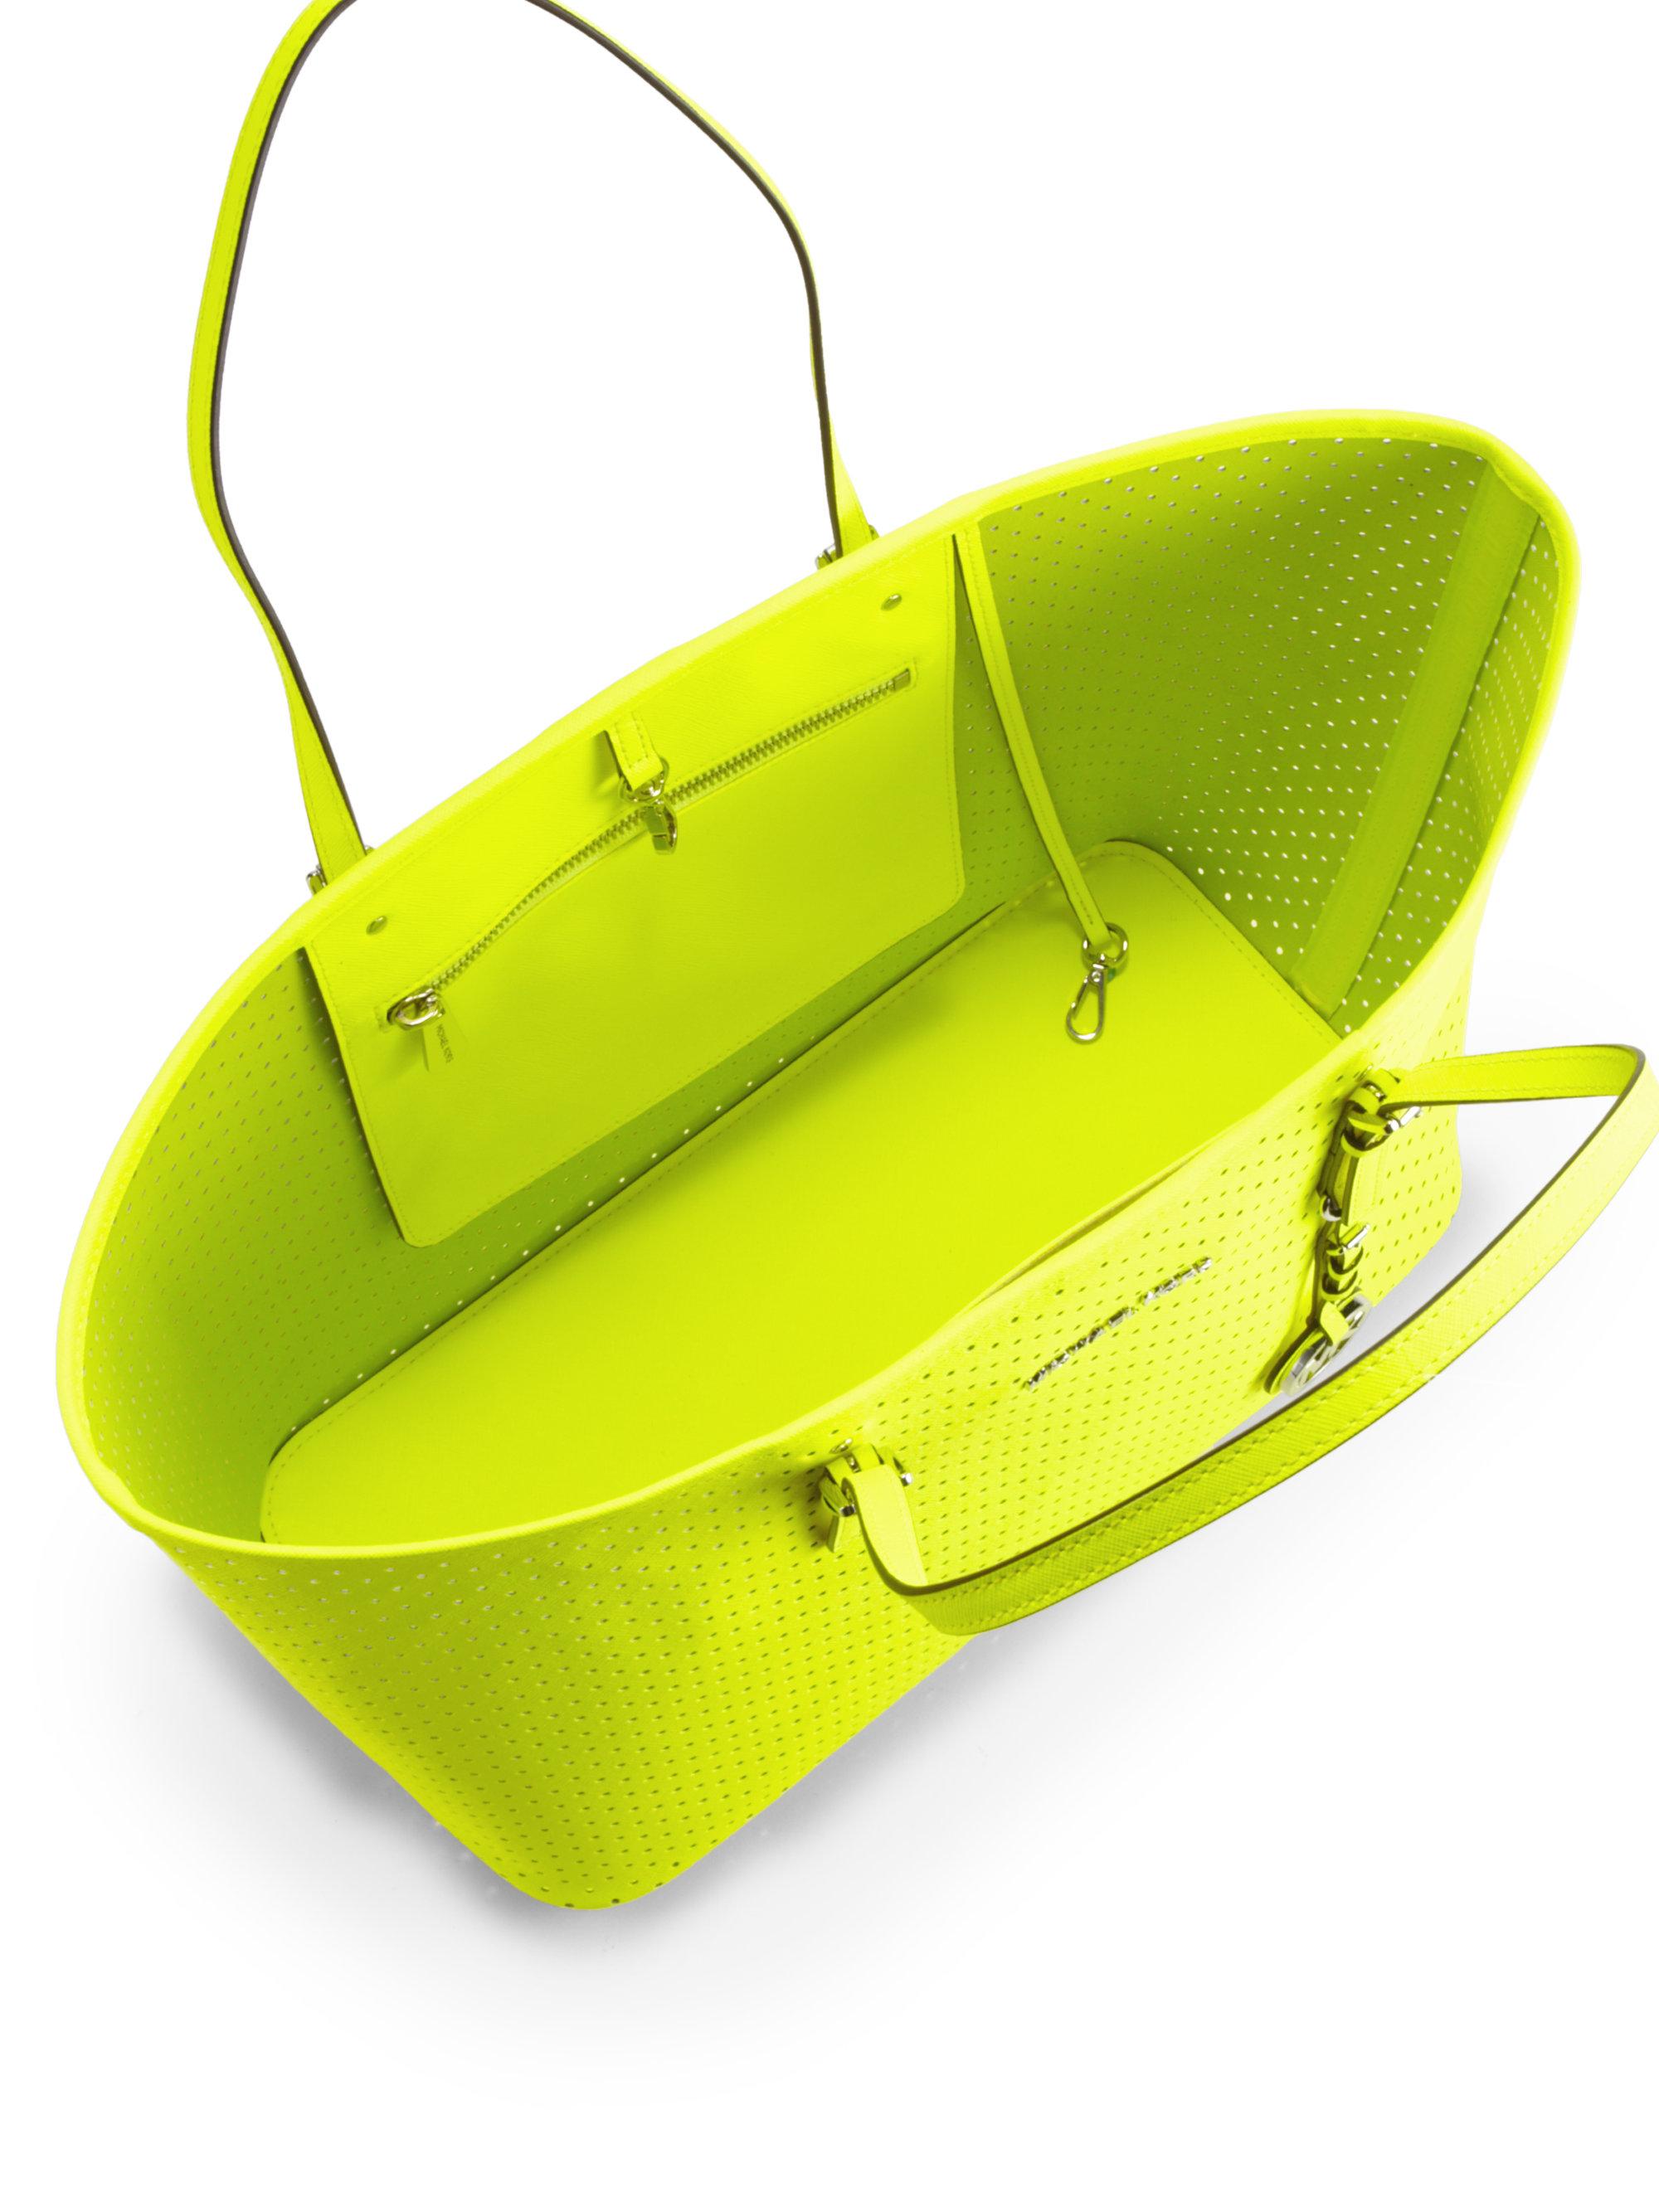 878057021c67 MICHAEL Michael Kors Medium Travel Tote Bag in Yellow - Lyst